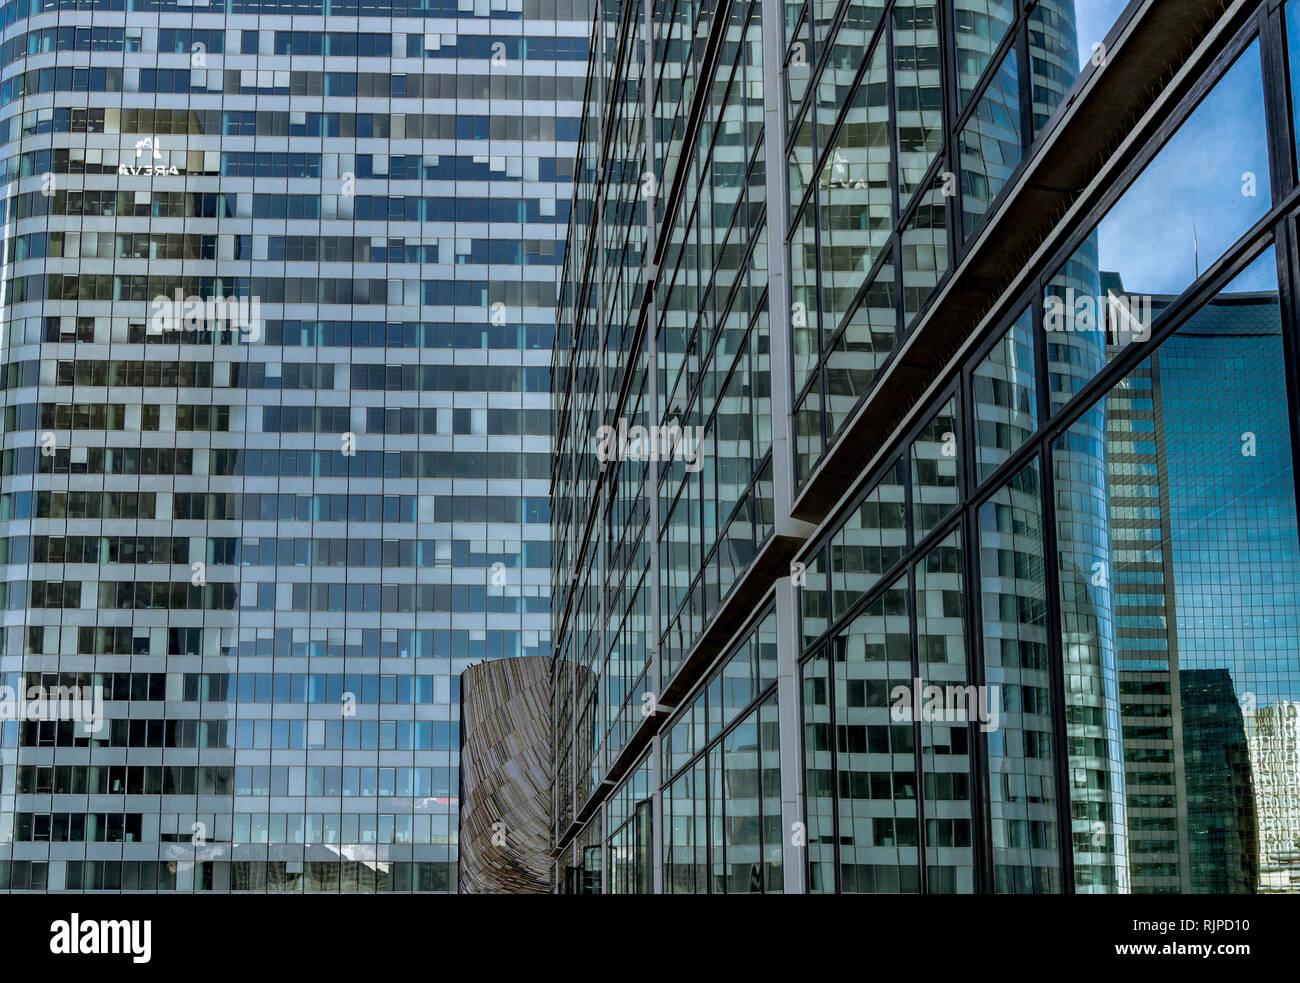 Spiegelungen im Fenster eines Bürohochhaus La Défense, Paris Stockfoto